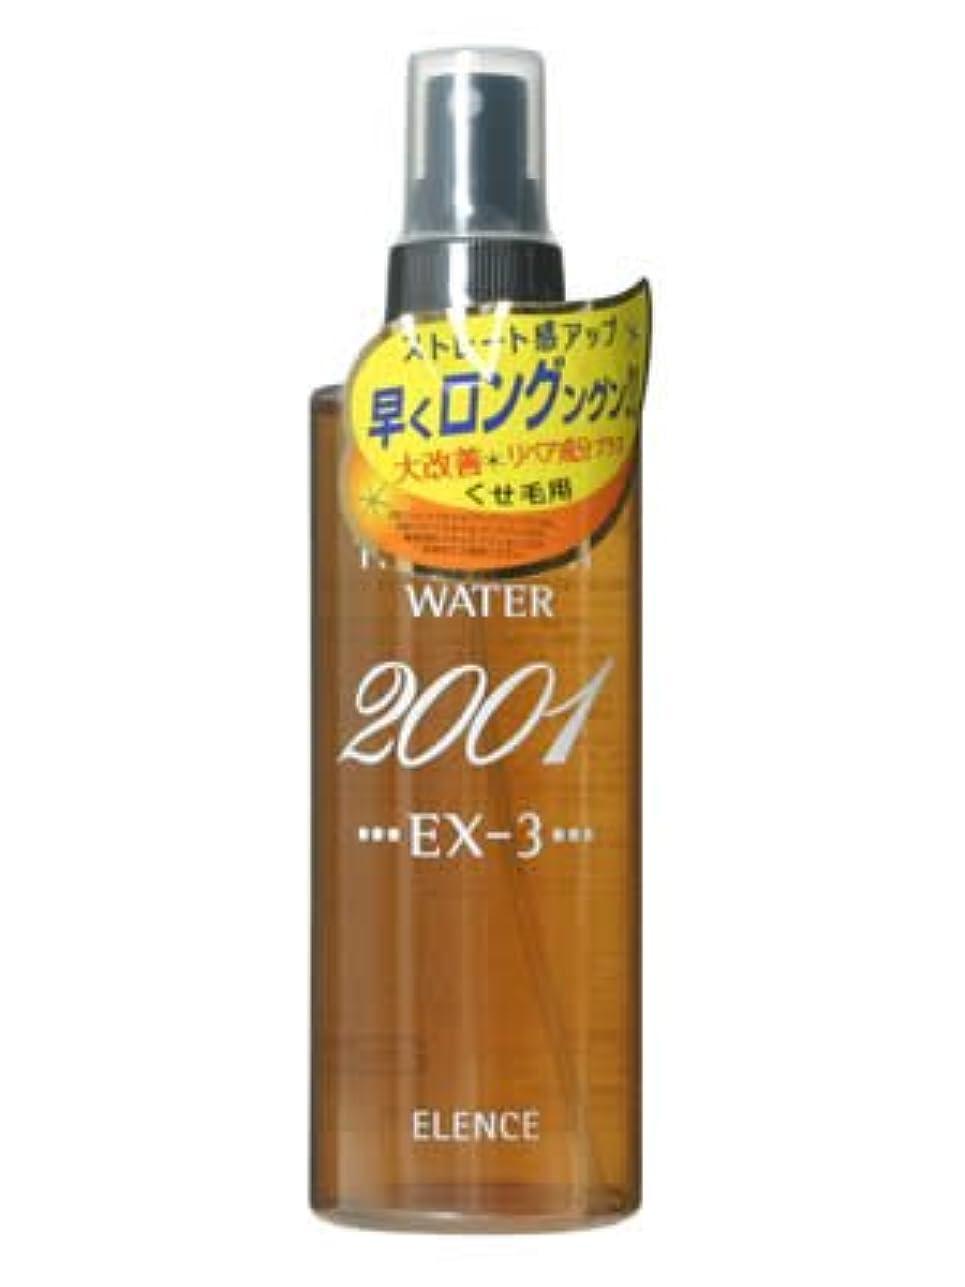 スリーブ意味する争いエレンス2001 スキャルプトリートメントウォーターEX-3(くせ毛用)